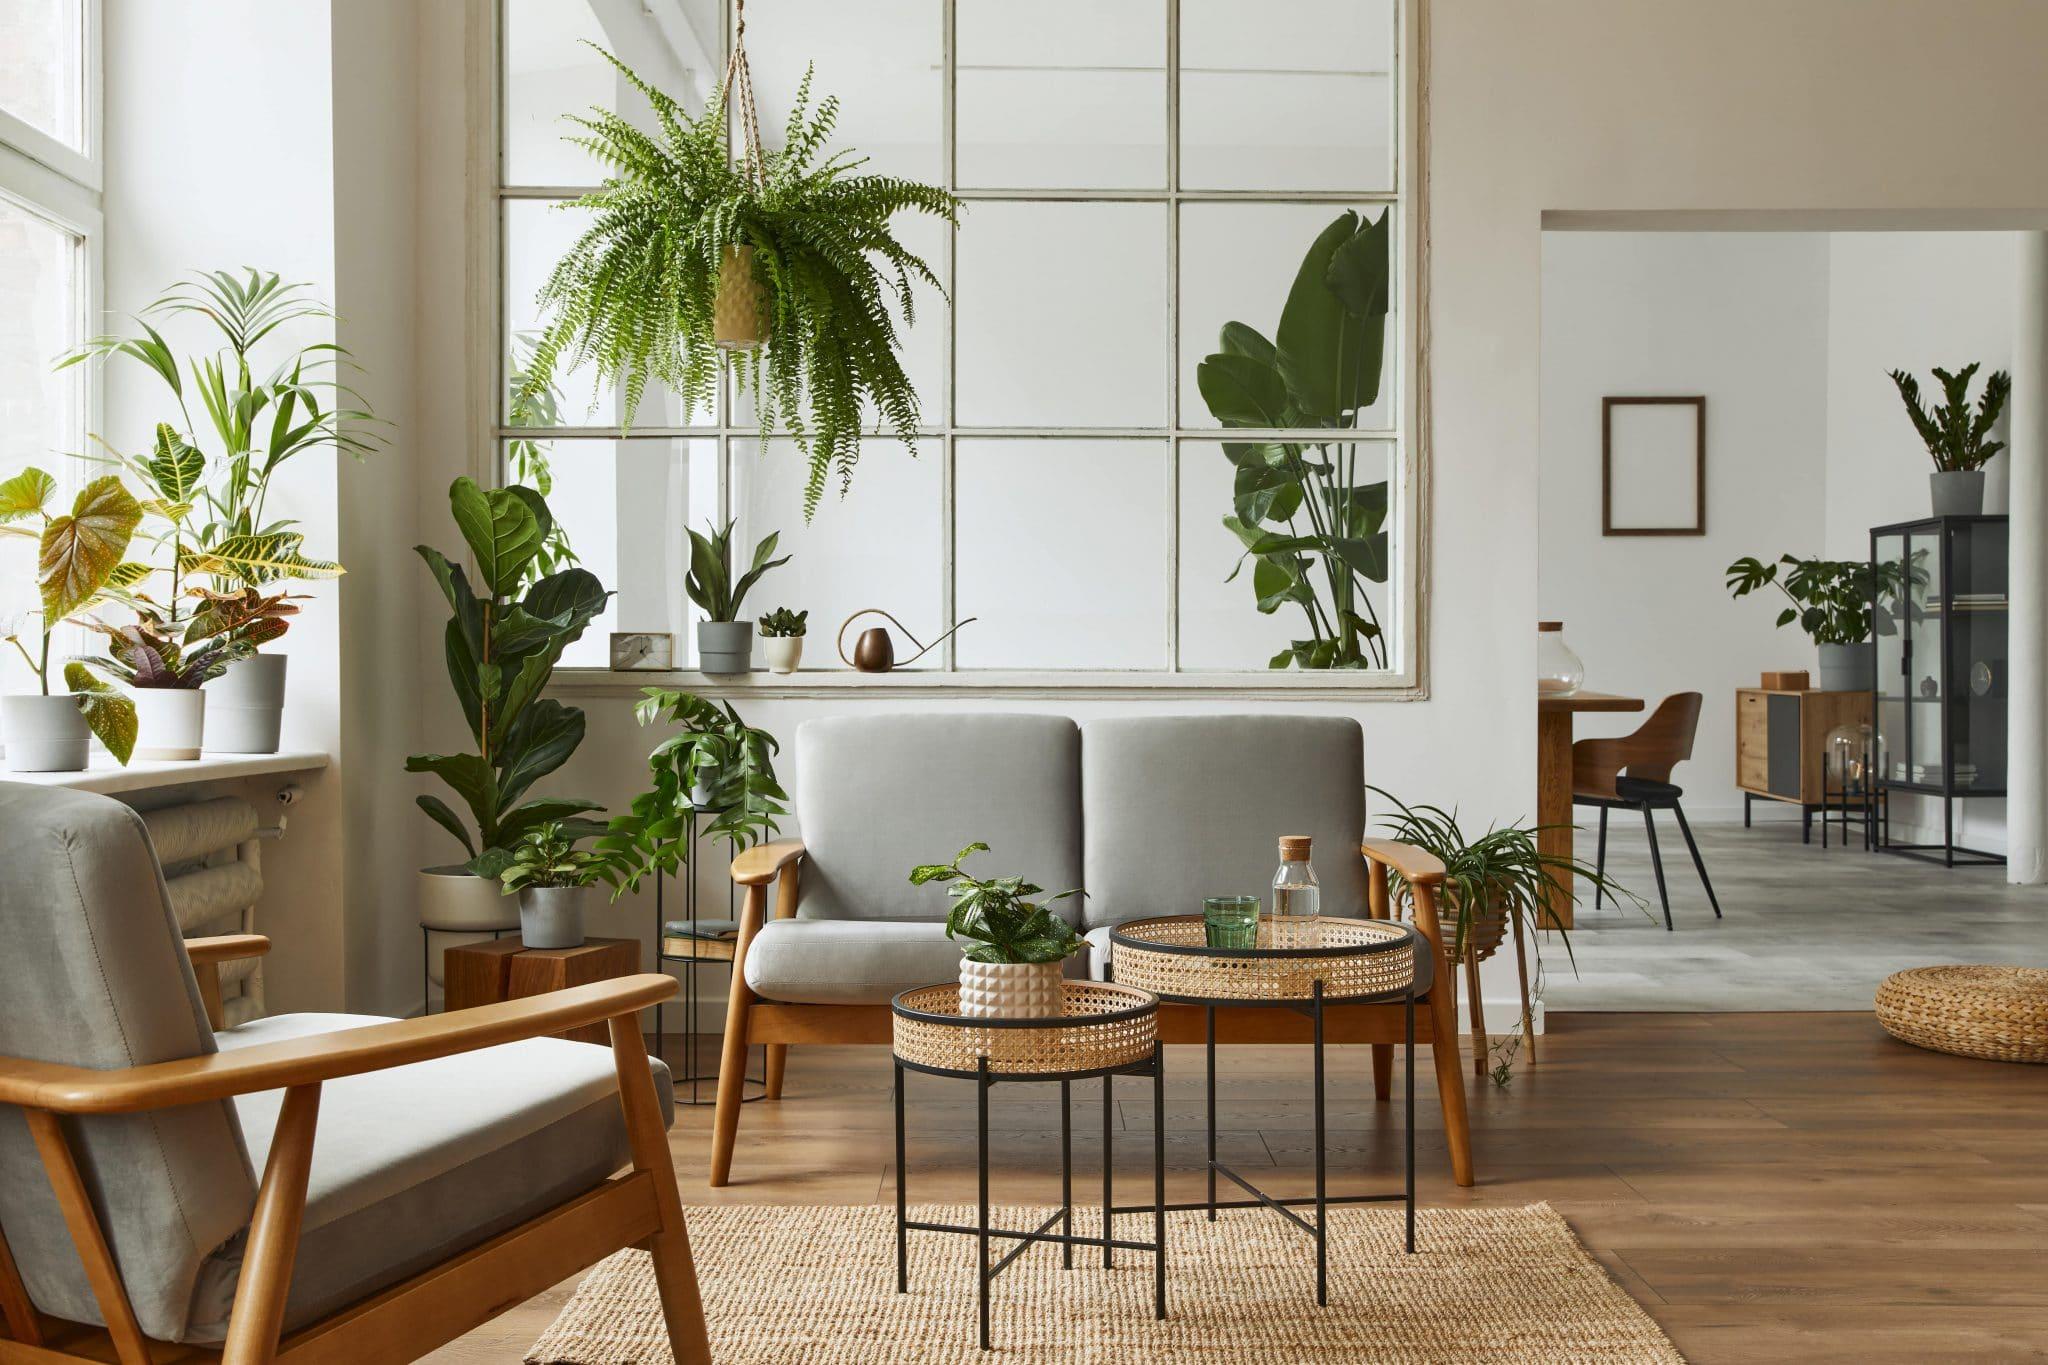 Comment créer une décoration d'intérieur style scandinave ?